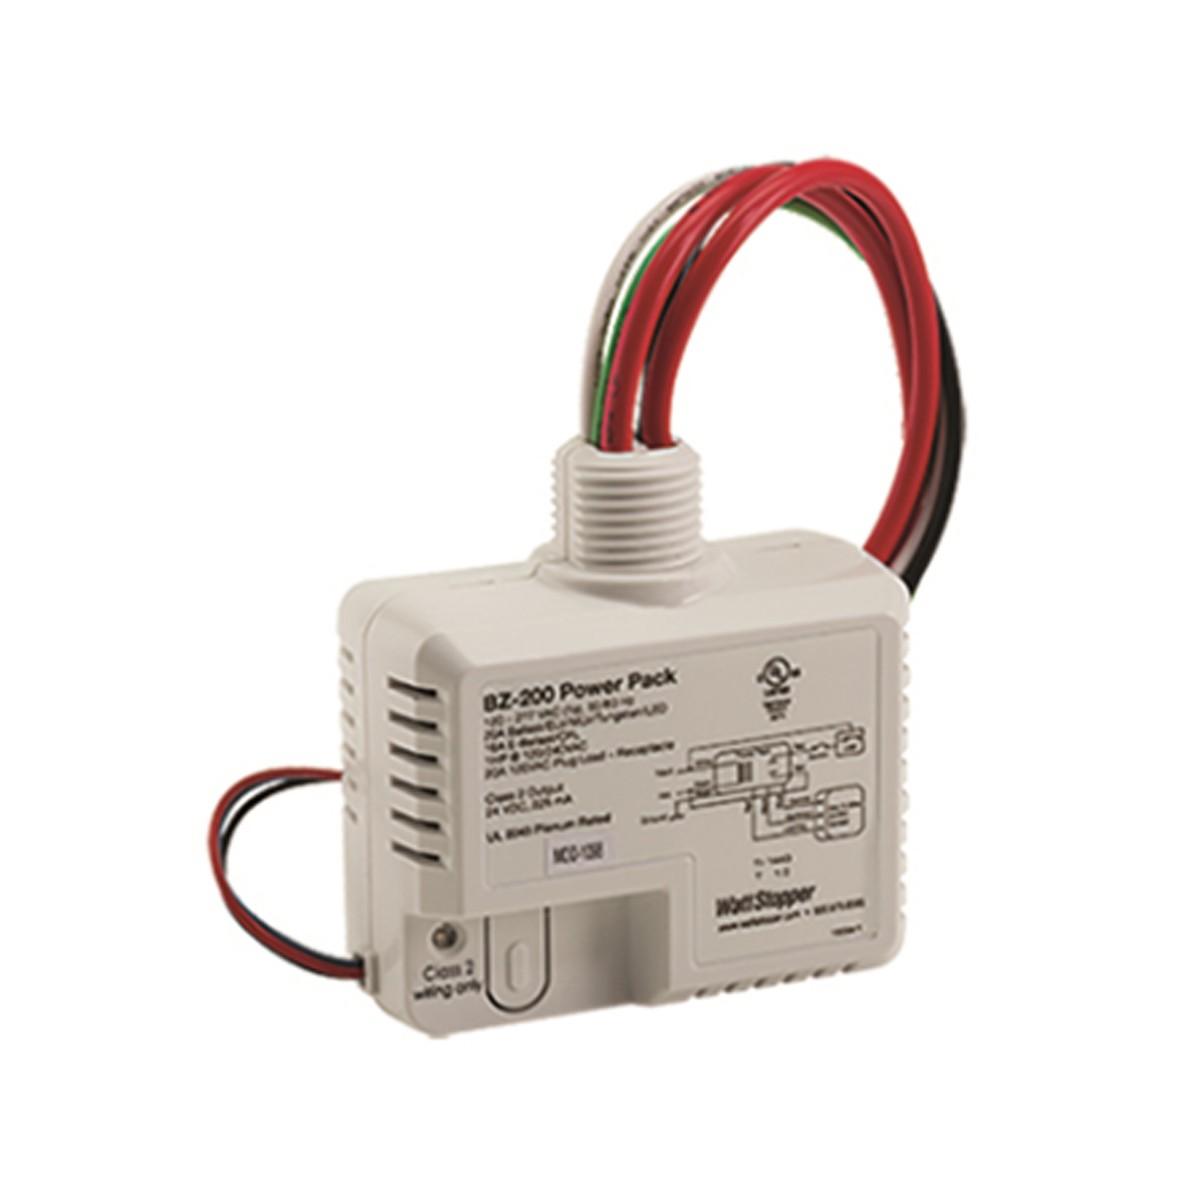 Wattstopper Power Pack - 120-277v - 50  60hz